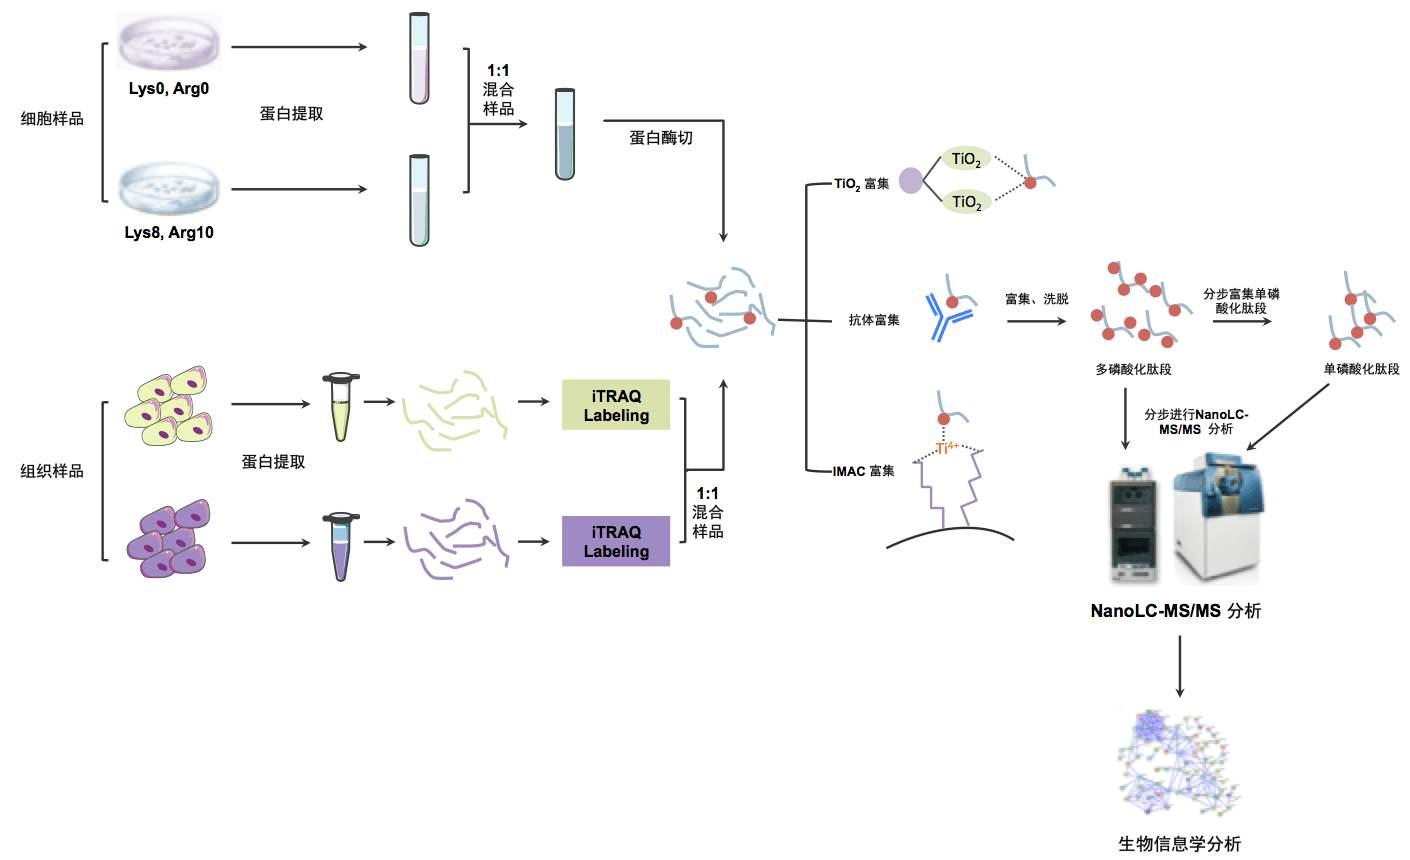 磷酸化修饰分析实验技术服务